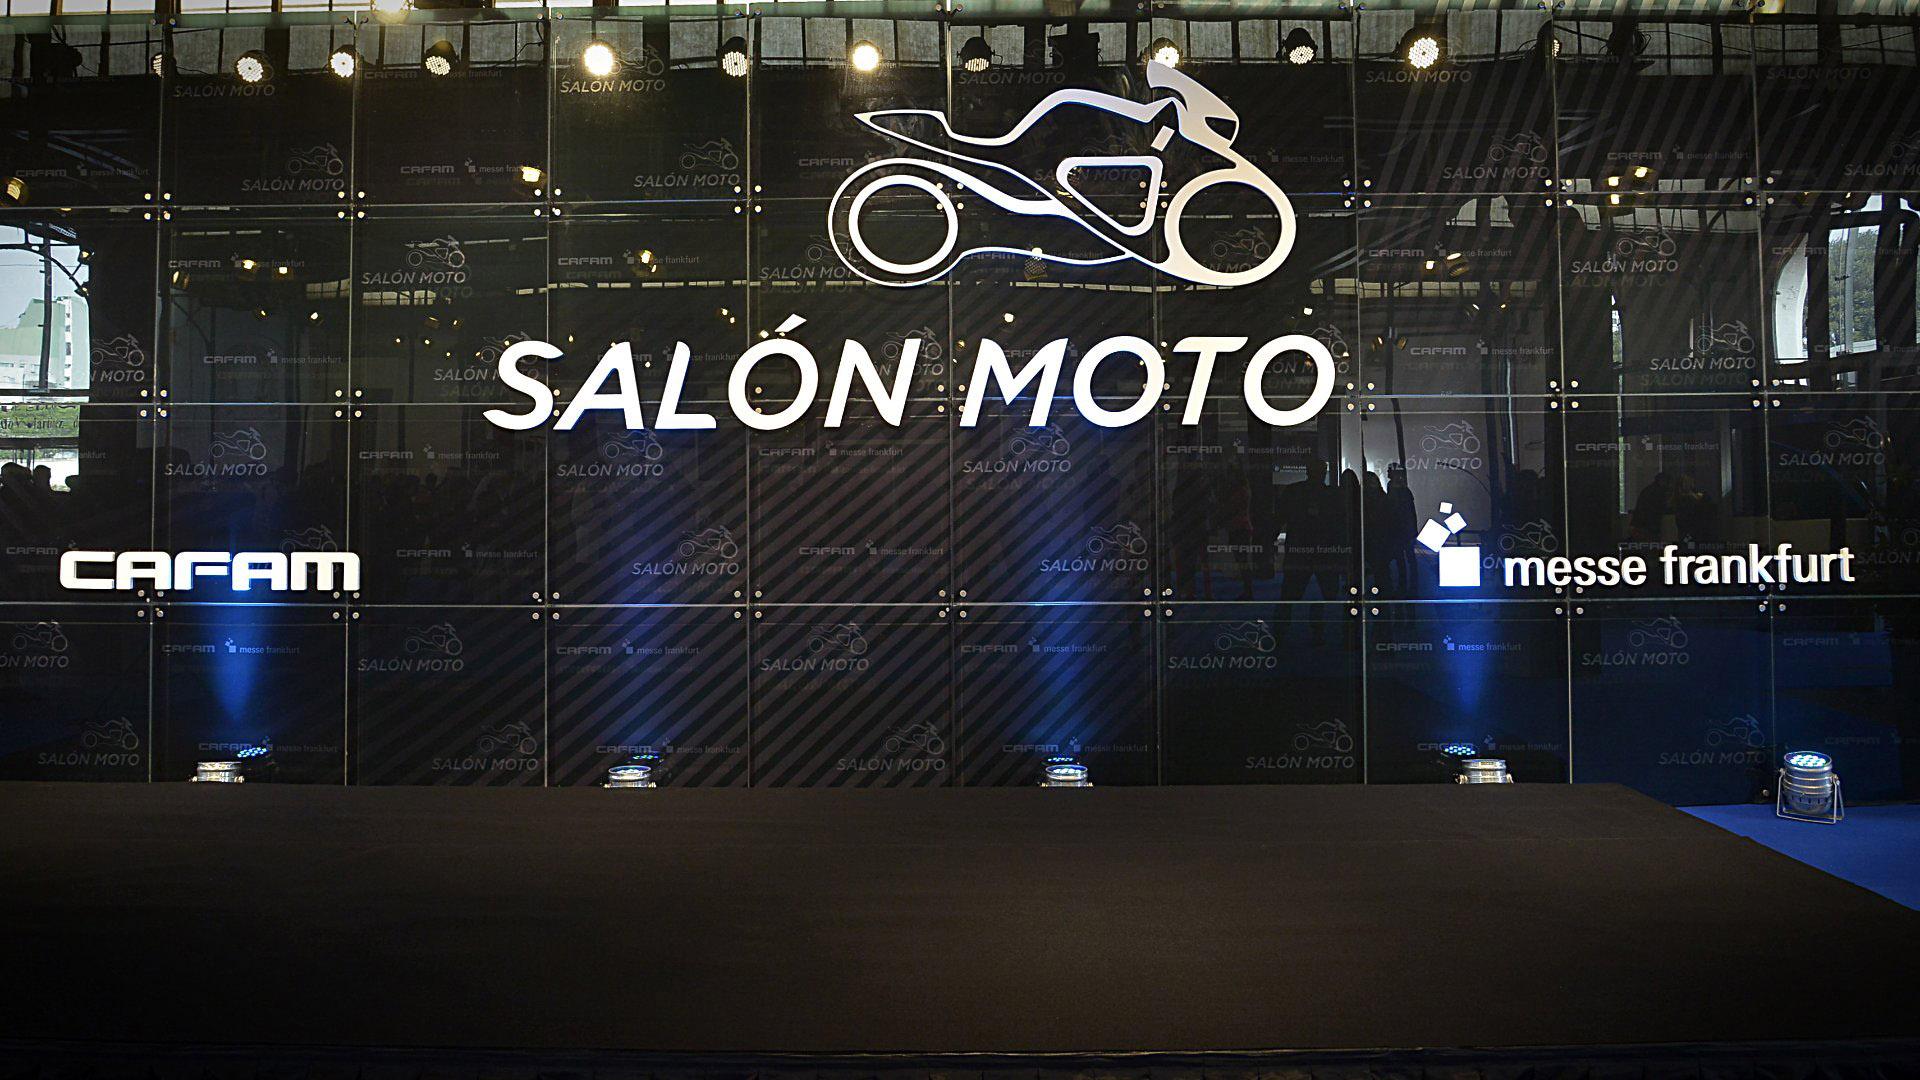 Salón Moto 2018 es la primera exposición de la industria de la motocicleta argentina. El encuentro reviste carácter internacional y reúne a los principales fabricantes y marcas de accesorios, equipamientos, indumentarias y servicios relacionadas con el mundo de las motos (Gustavo Gavotti)